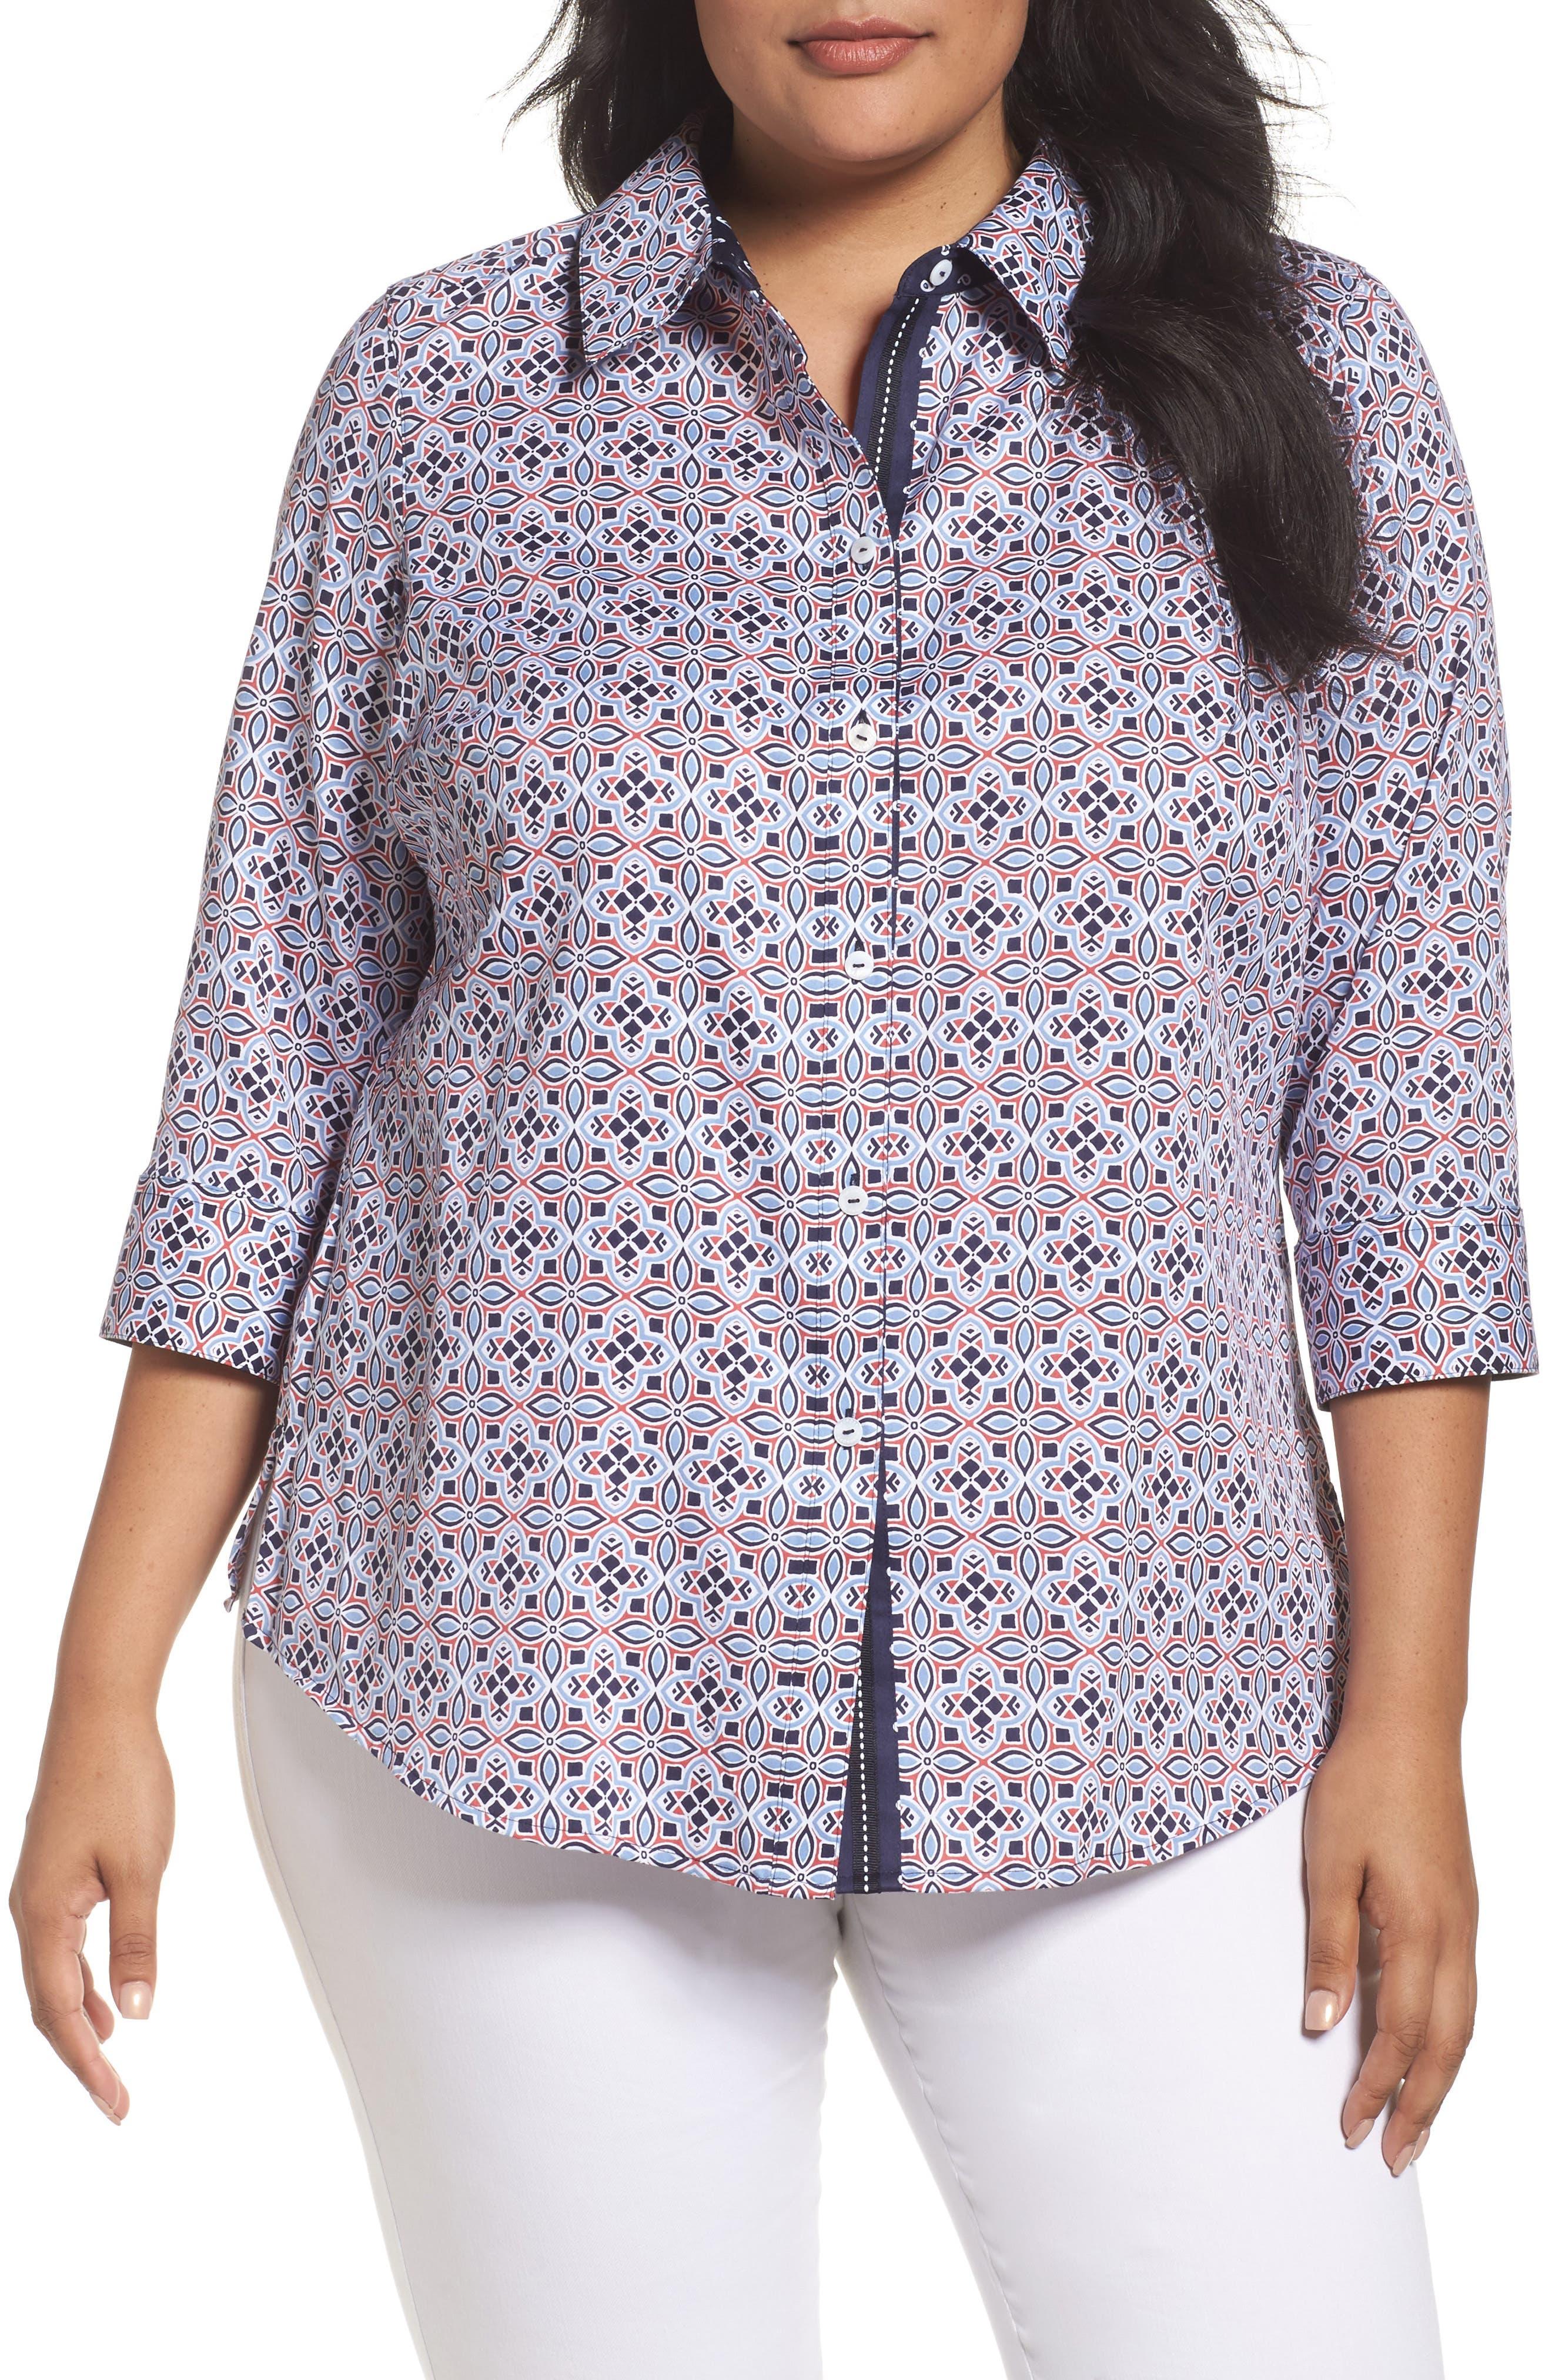 Main Image - Foxcroft Ava Non-Iron Tile Print Cotton Shirt (Plus Size)